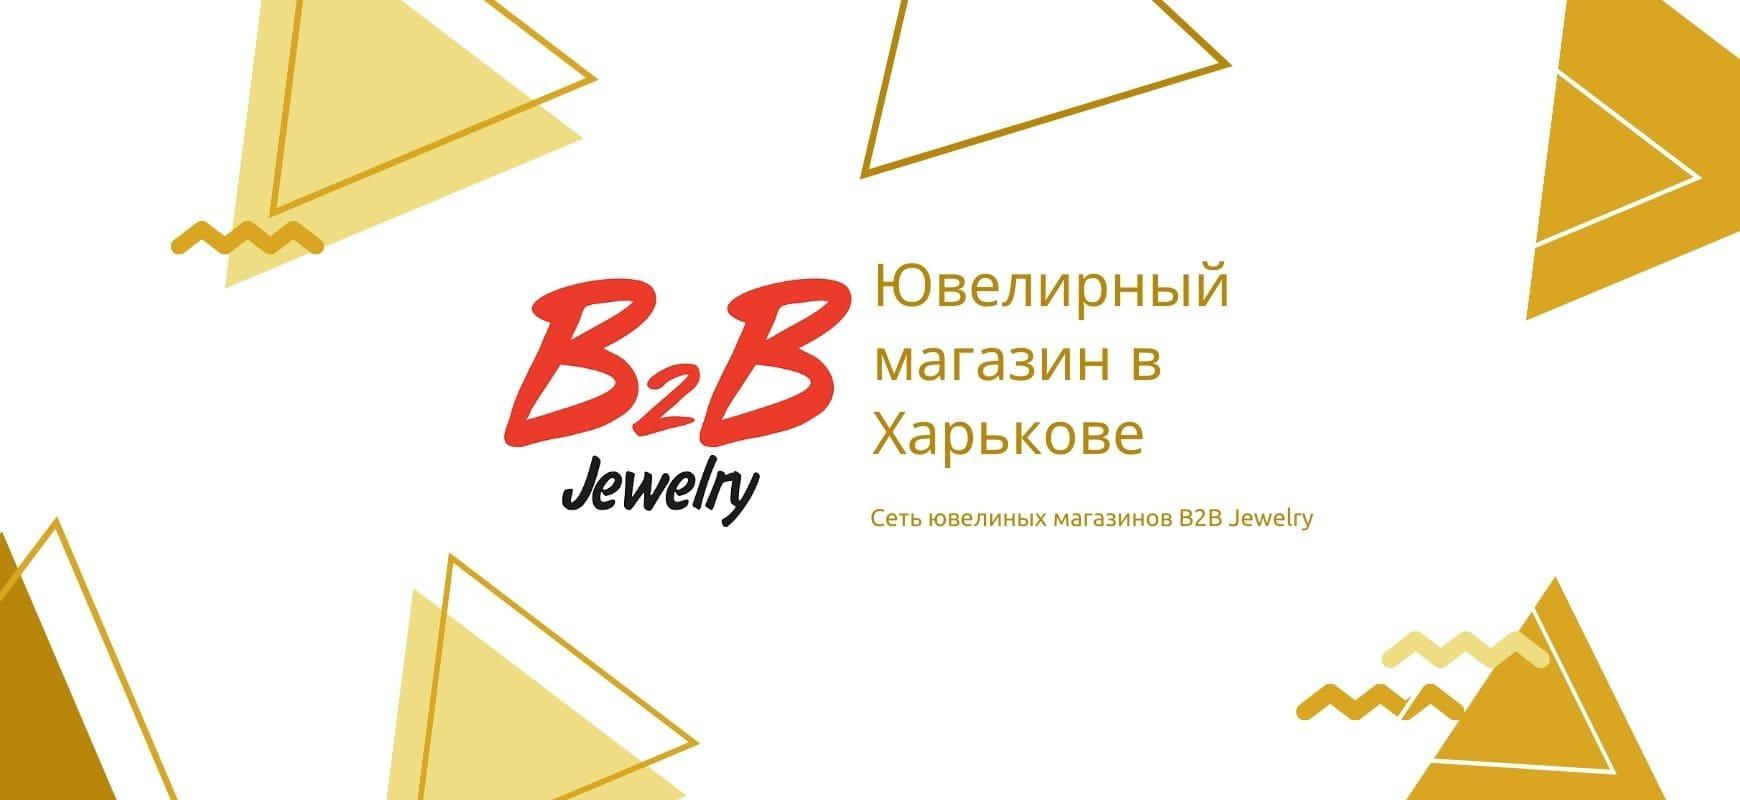 B2B JEWELRY ХАРЬКОВ